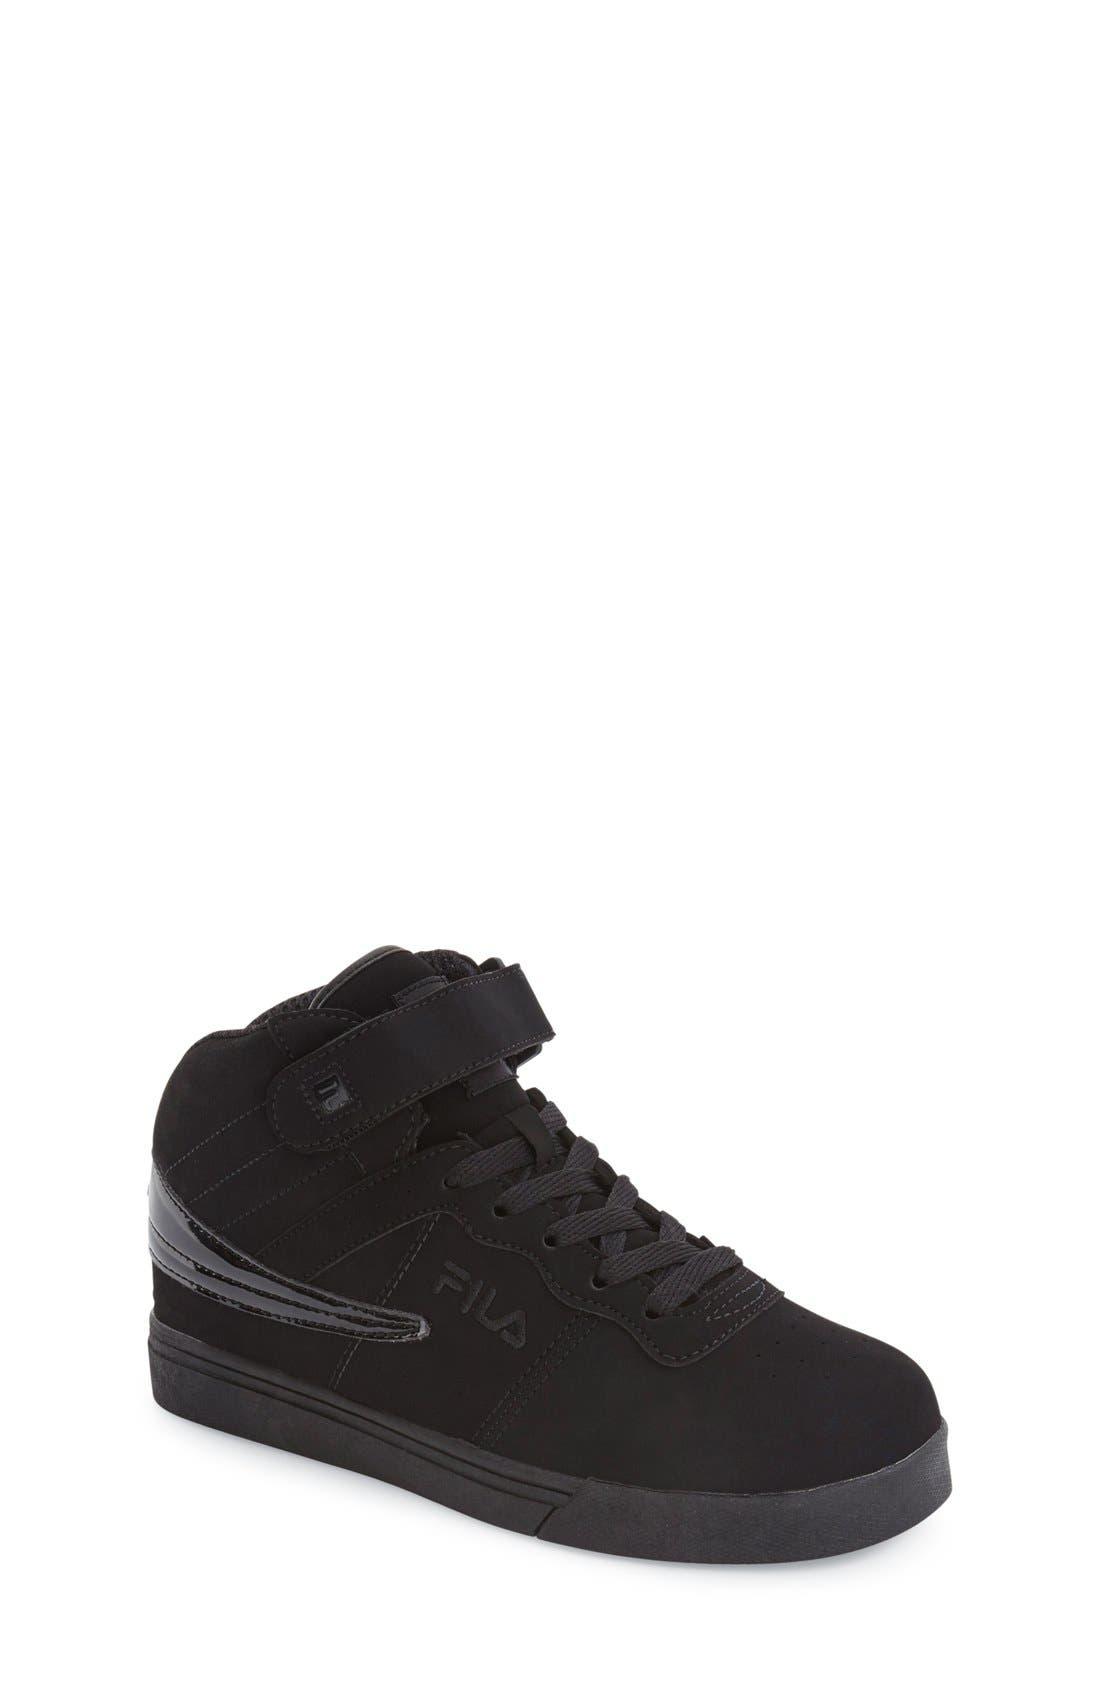 Vulc 13 High Top Sneaker,                         Main,                         color, 001